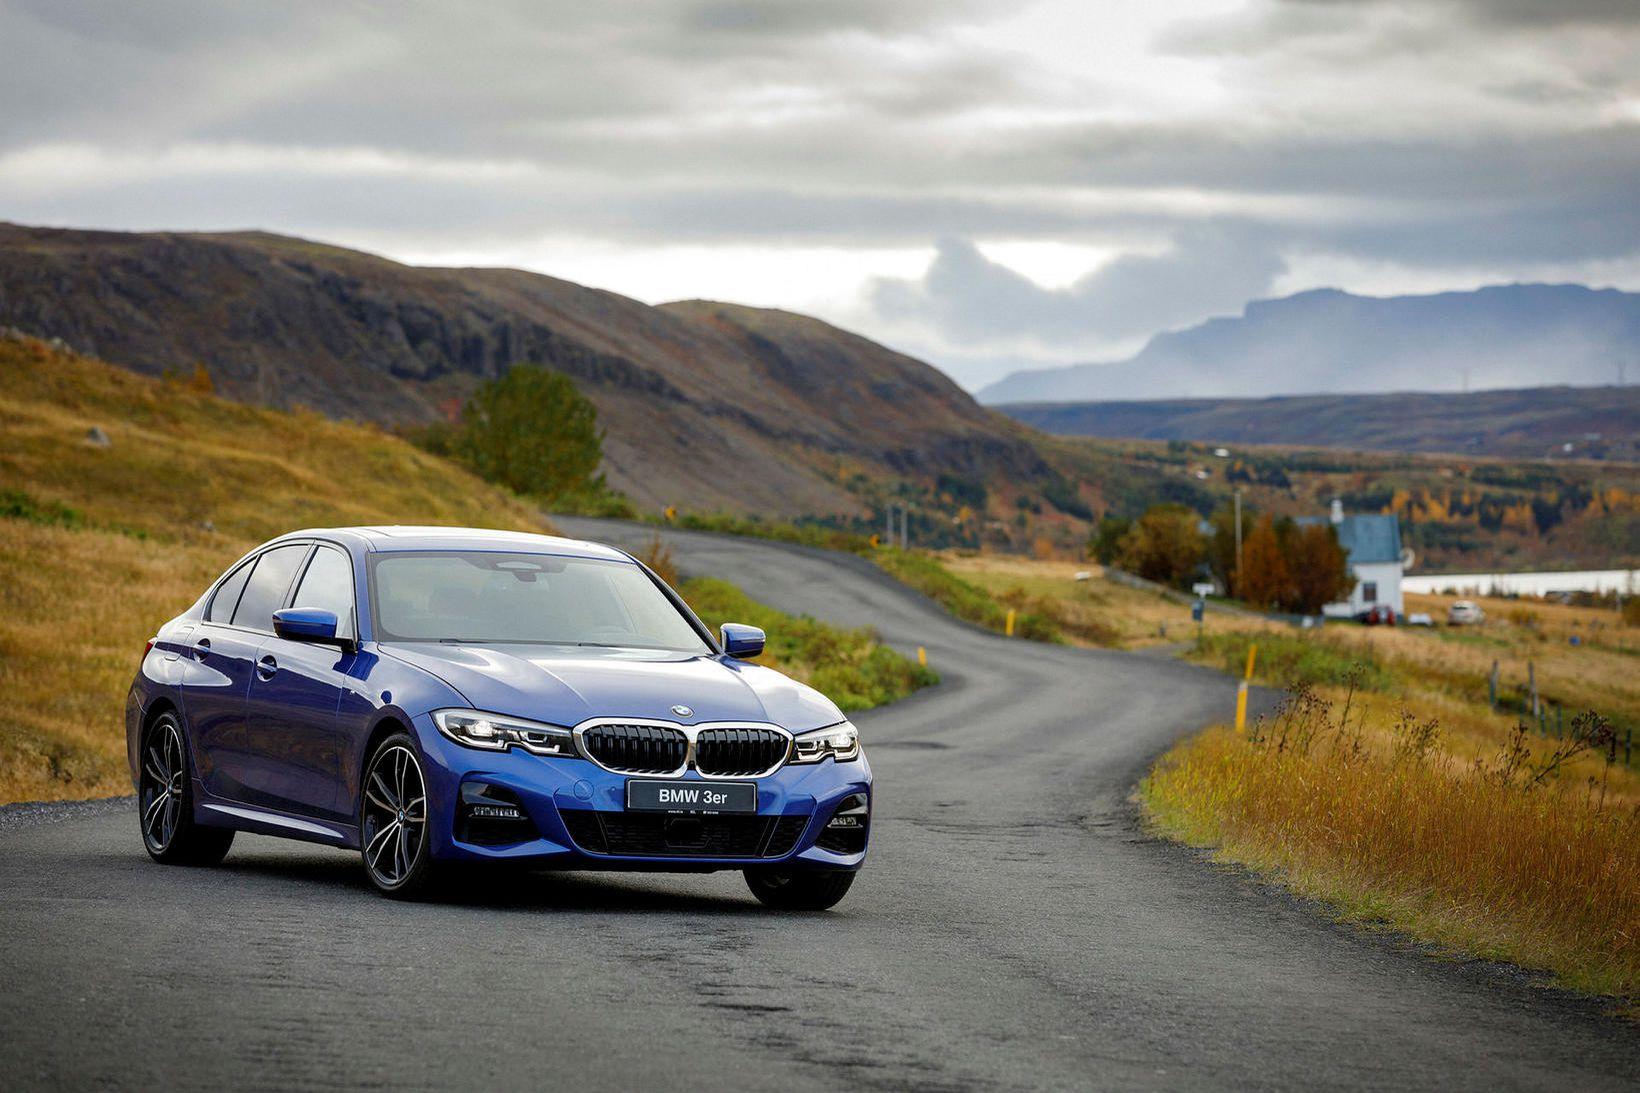 Nýjasta kynslóð BMW 3 er hlaðin tækninýjungum. Meðal annars er …